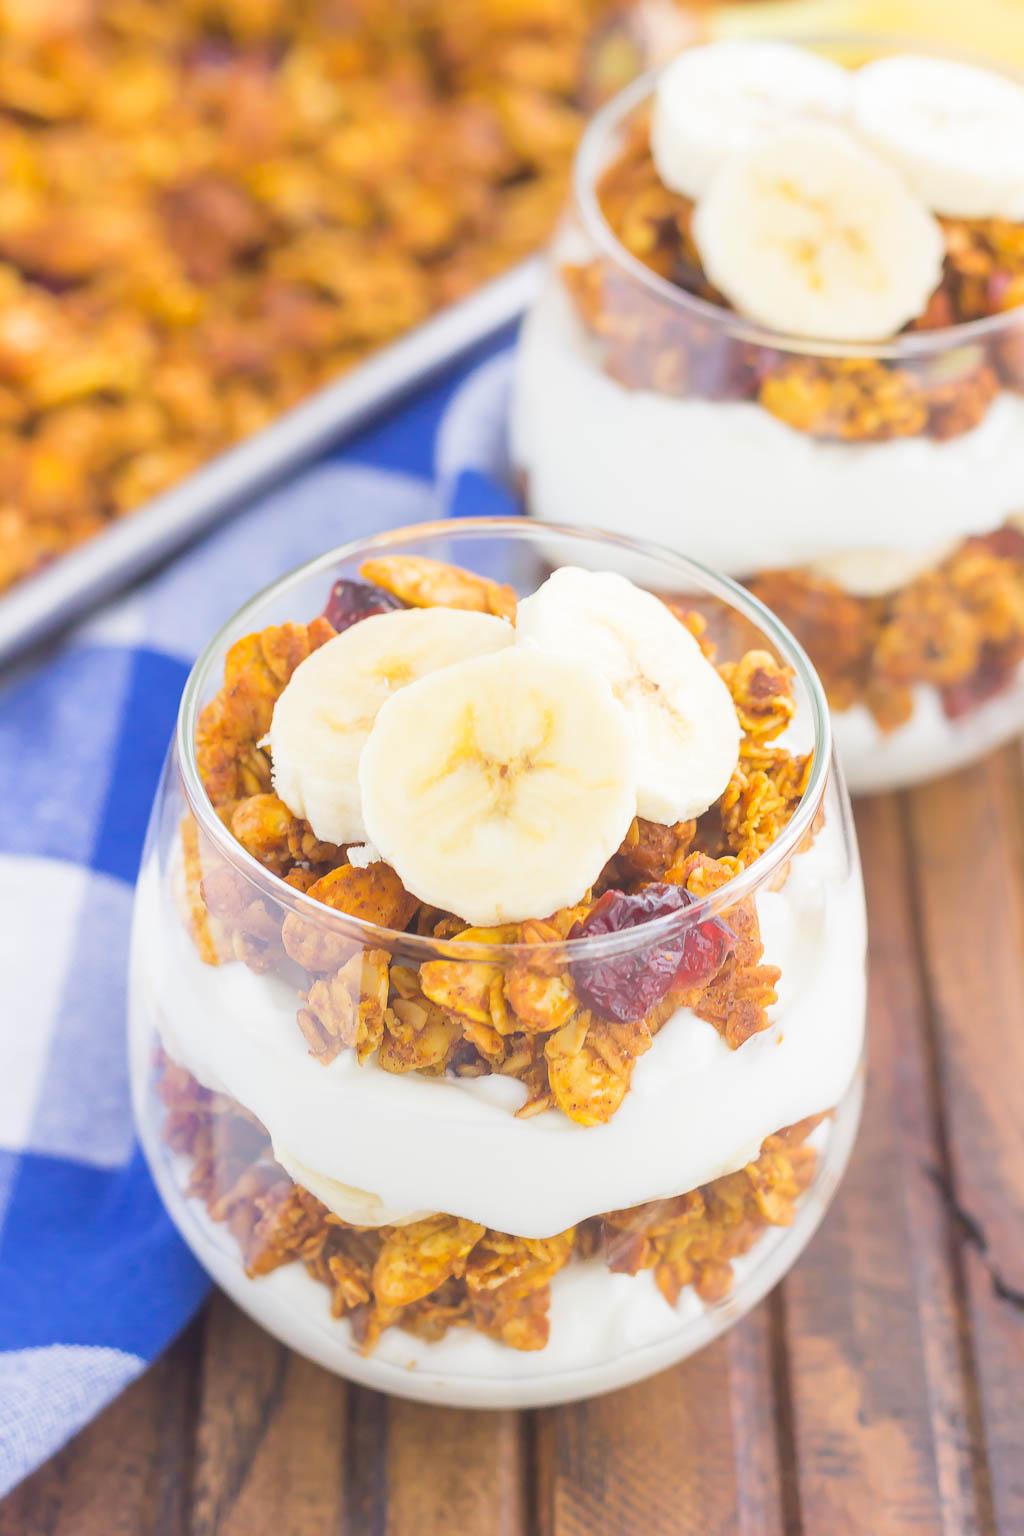 yogurt, pumpkin granola, banana slices layered in a glass